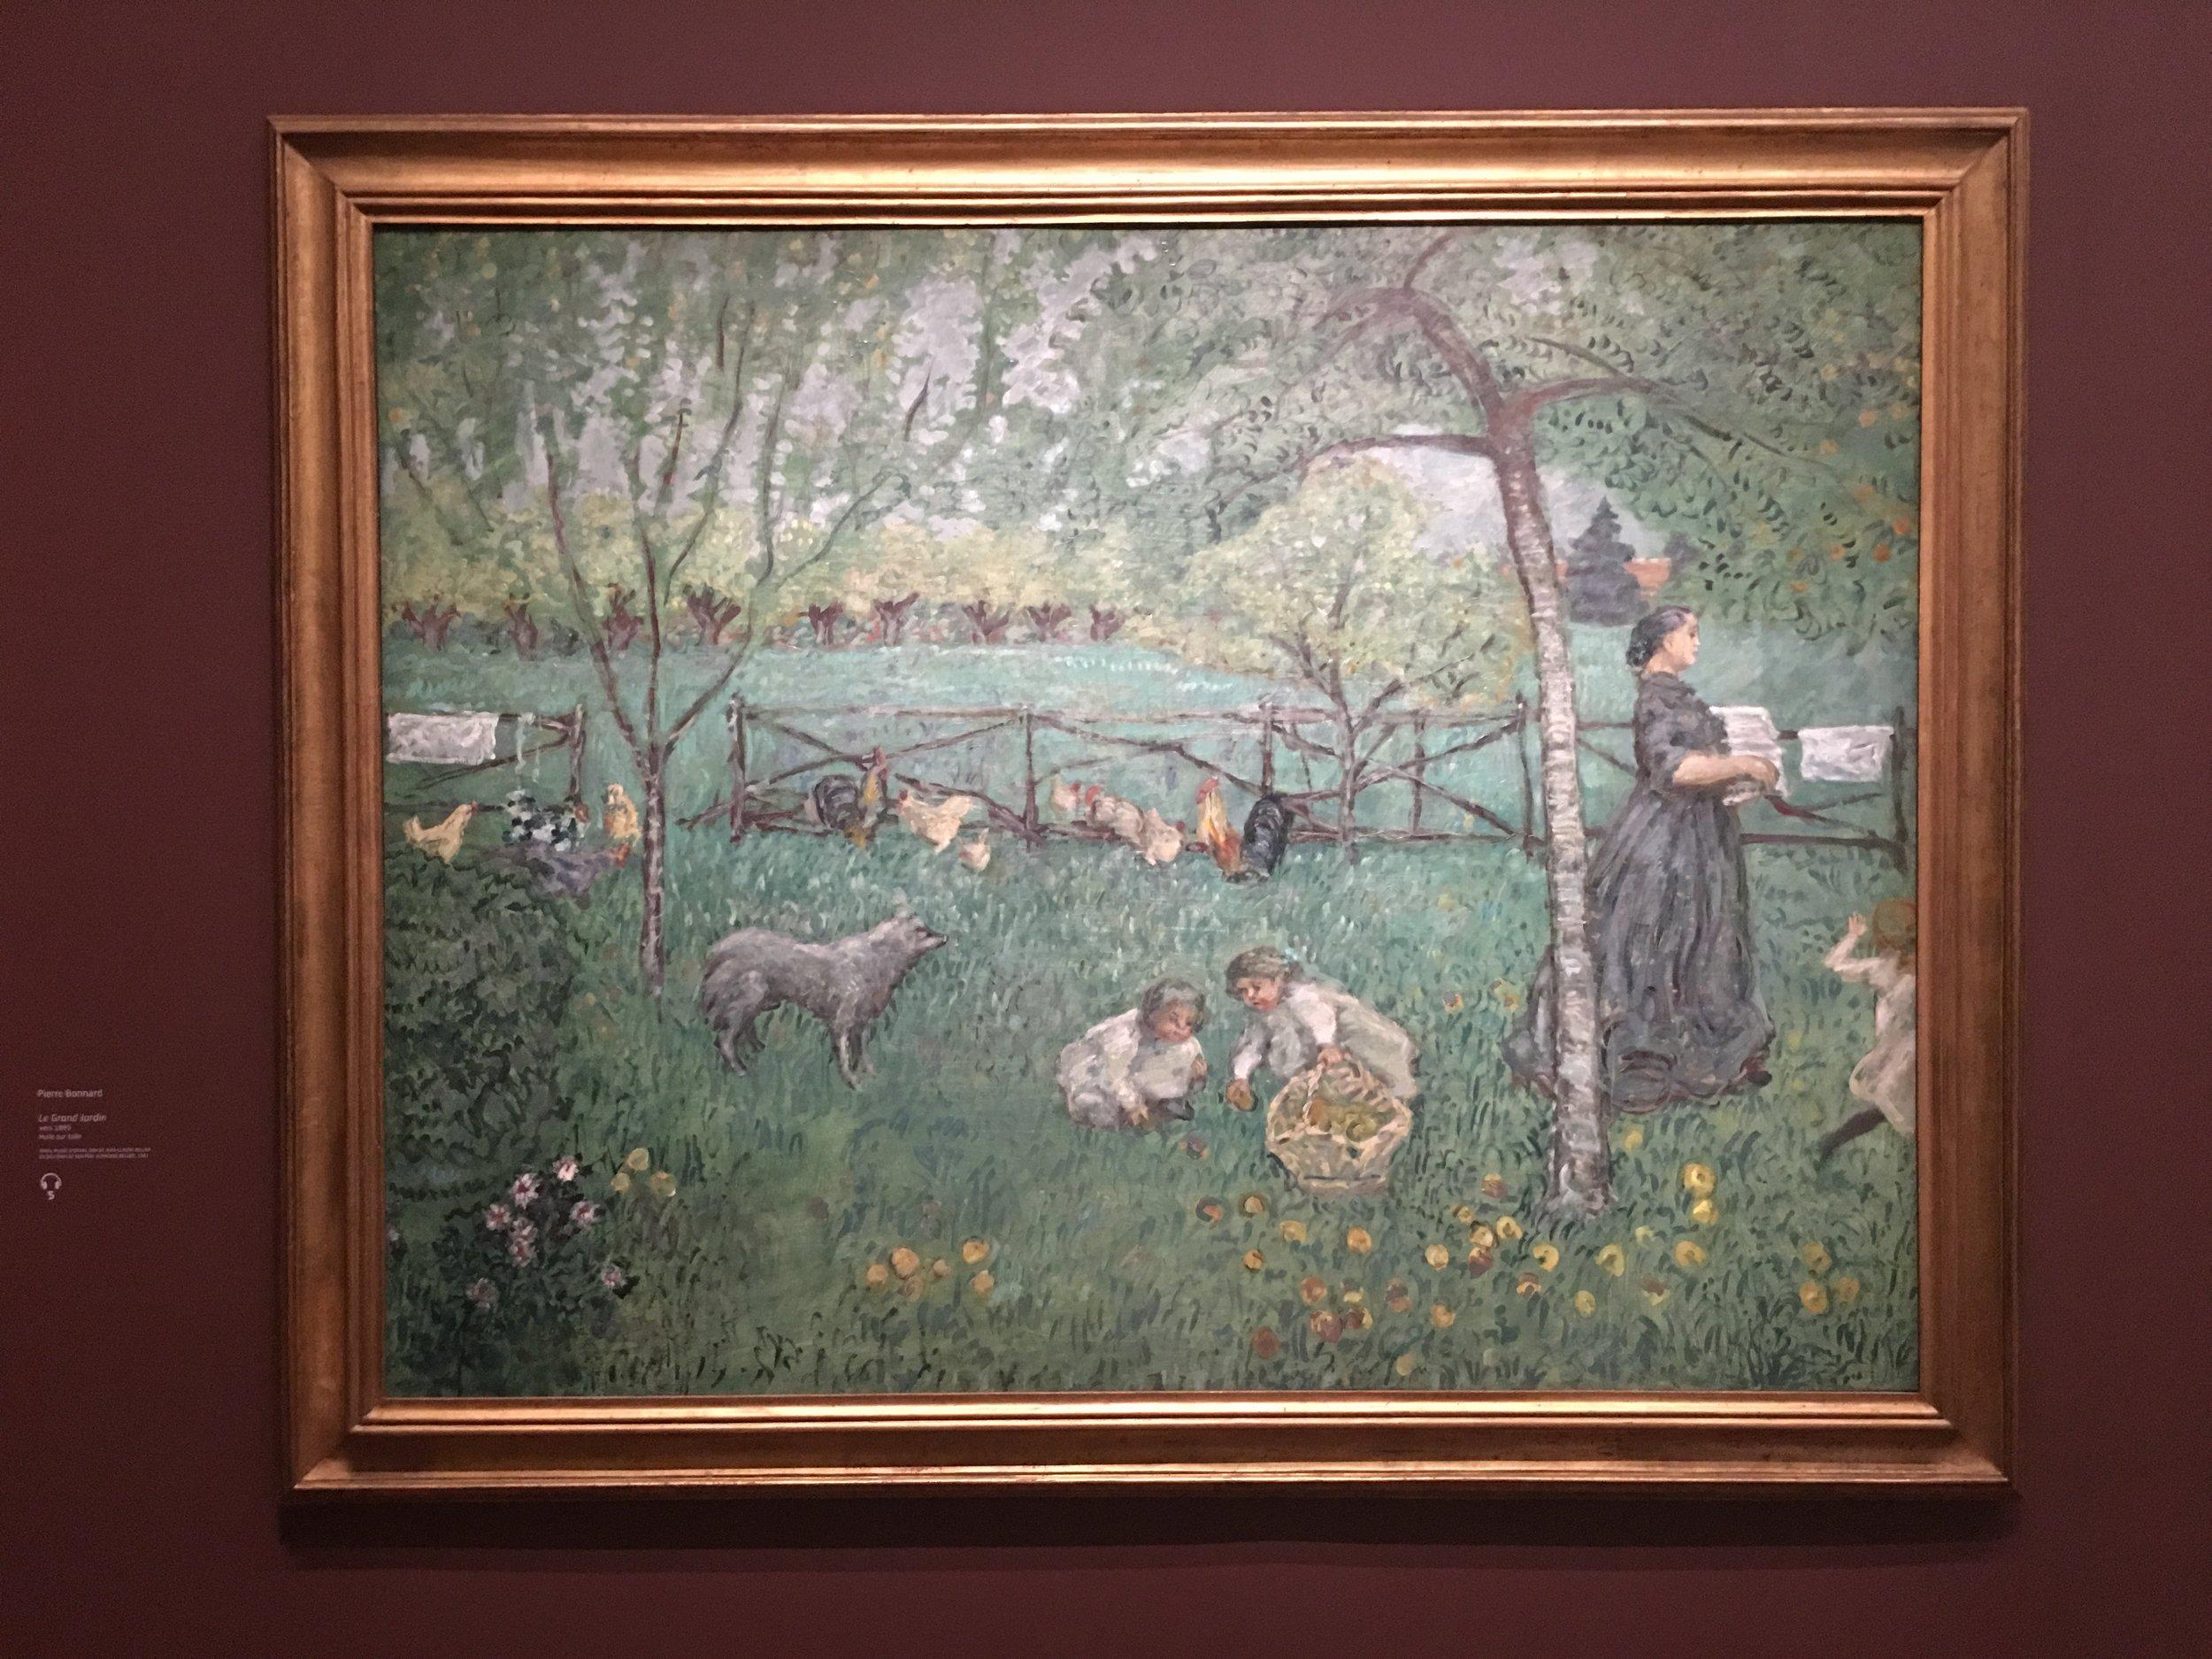 Pierre Bonnard - La Cueillette des pommes vers 1895  La série réalisée sur ce thème pourrait faire partie d'un projet de décor immersif.